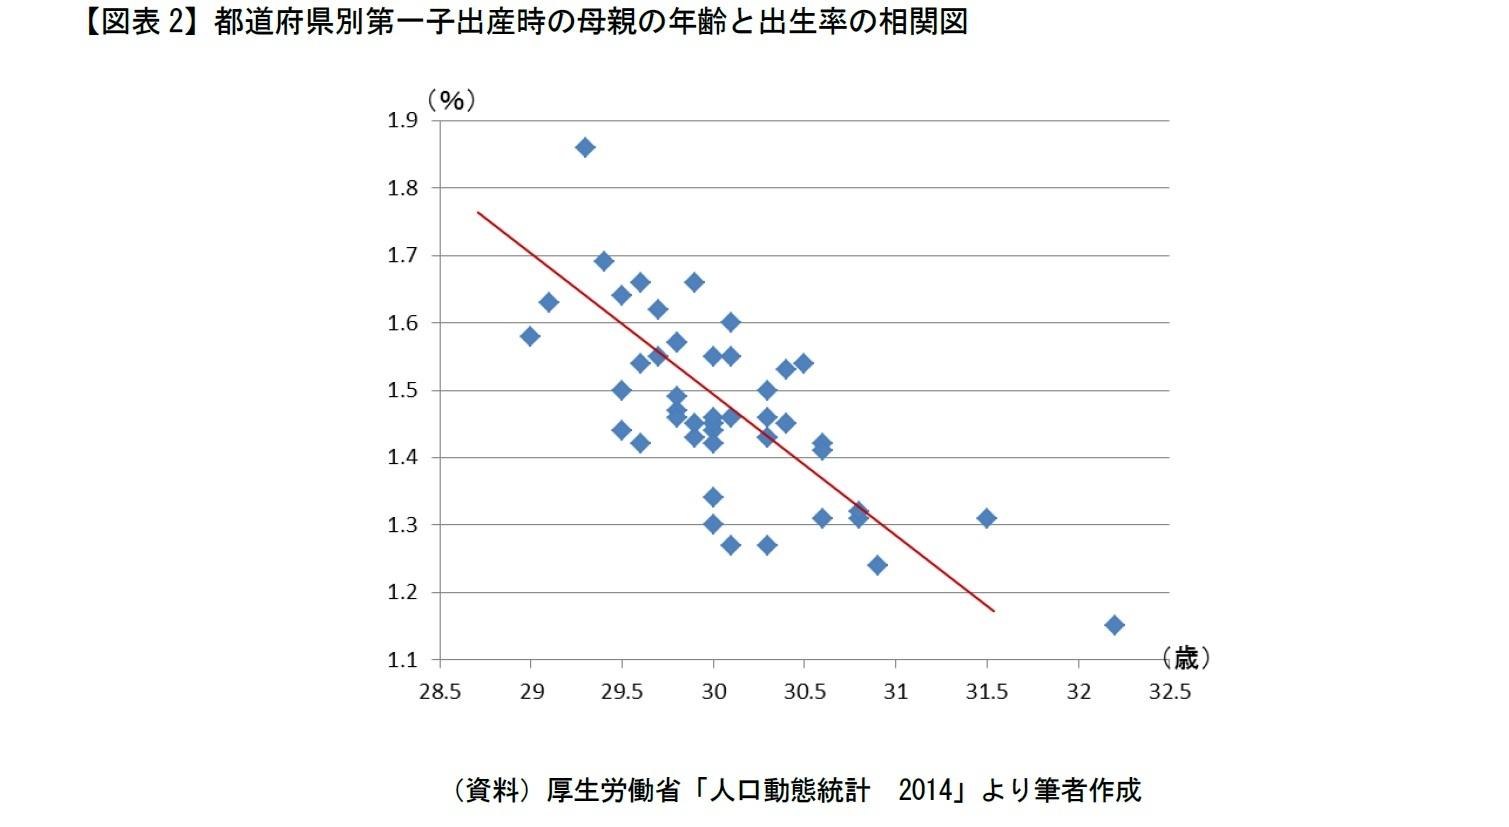 【図表2】都道府県別第一子出産時の母親の年齢と出生率の相関図